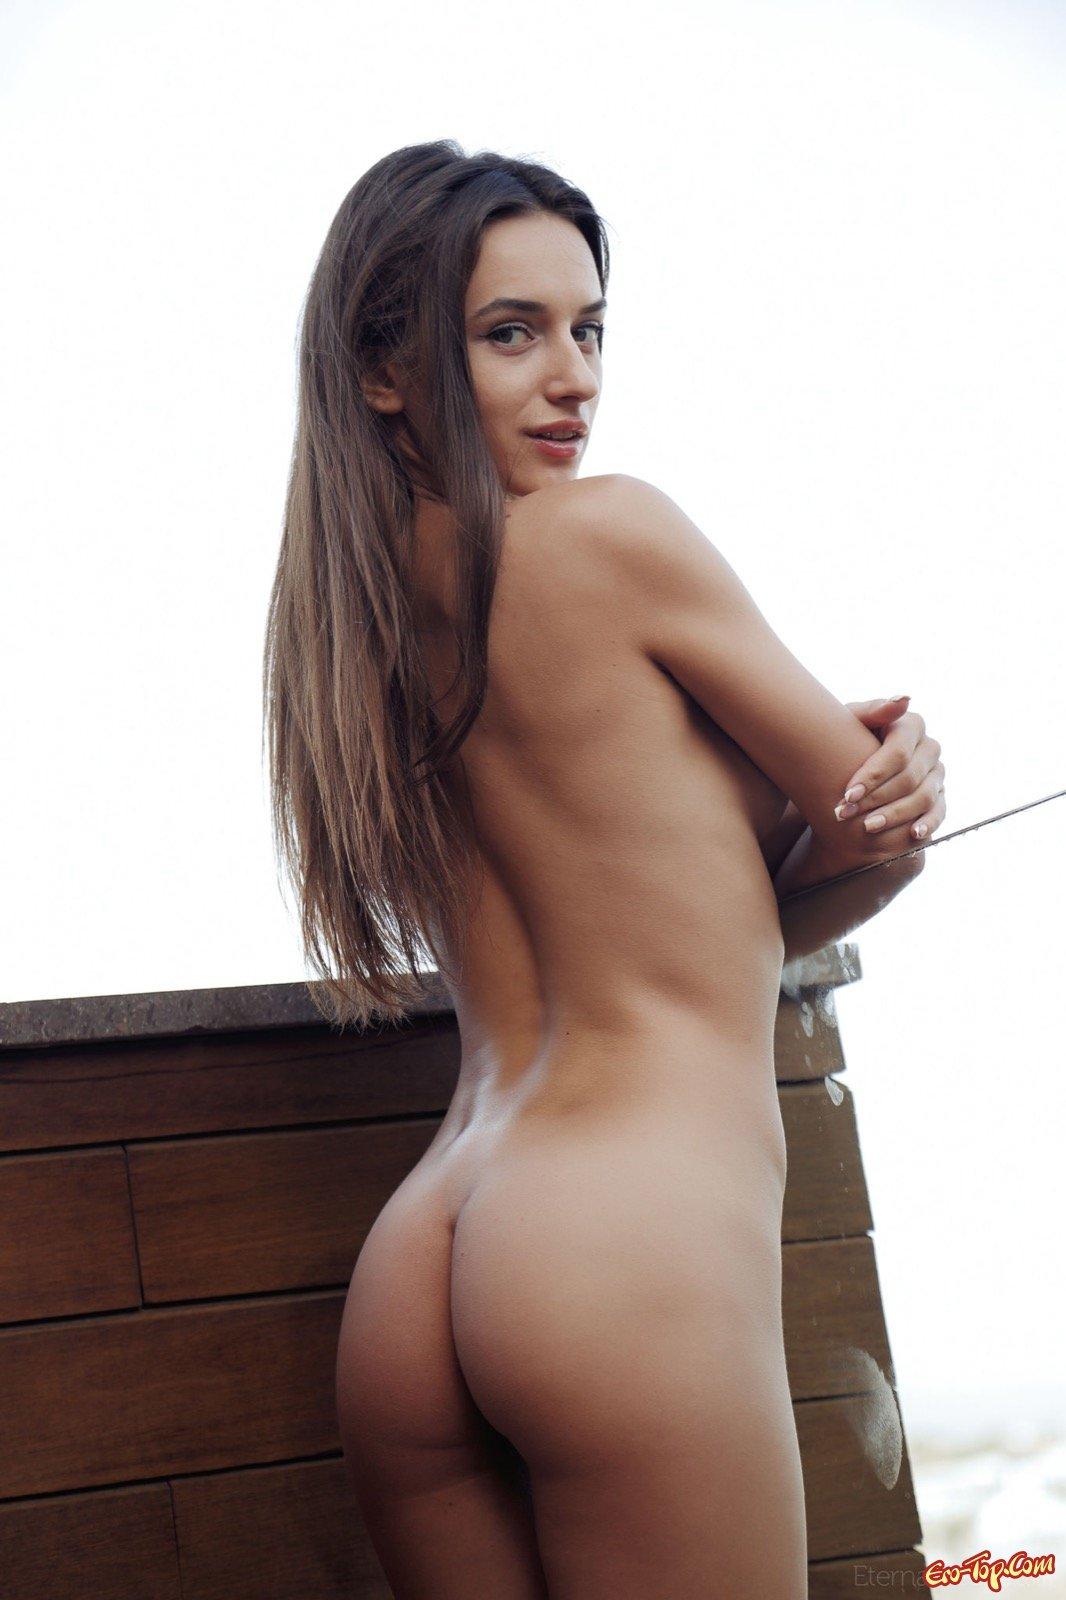 Ухоженная совершеннолетняя топ-модель фотографируется обнаженной на балконе